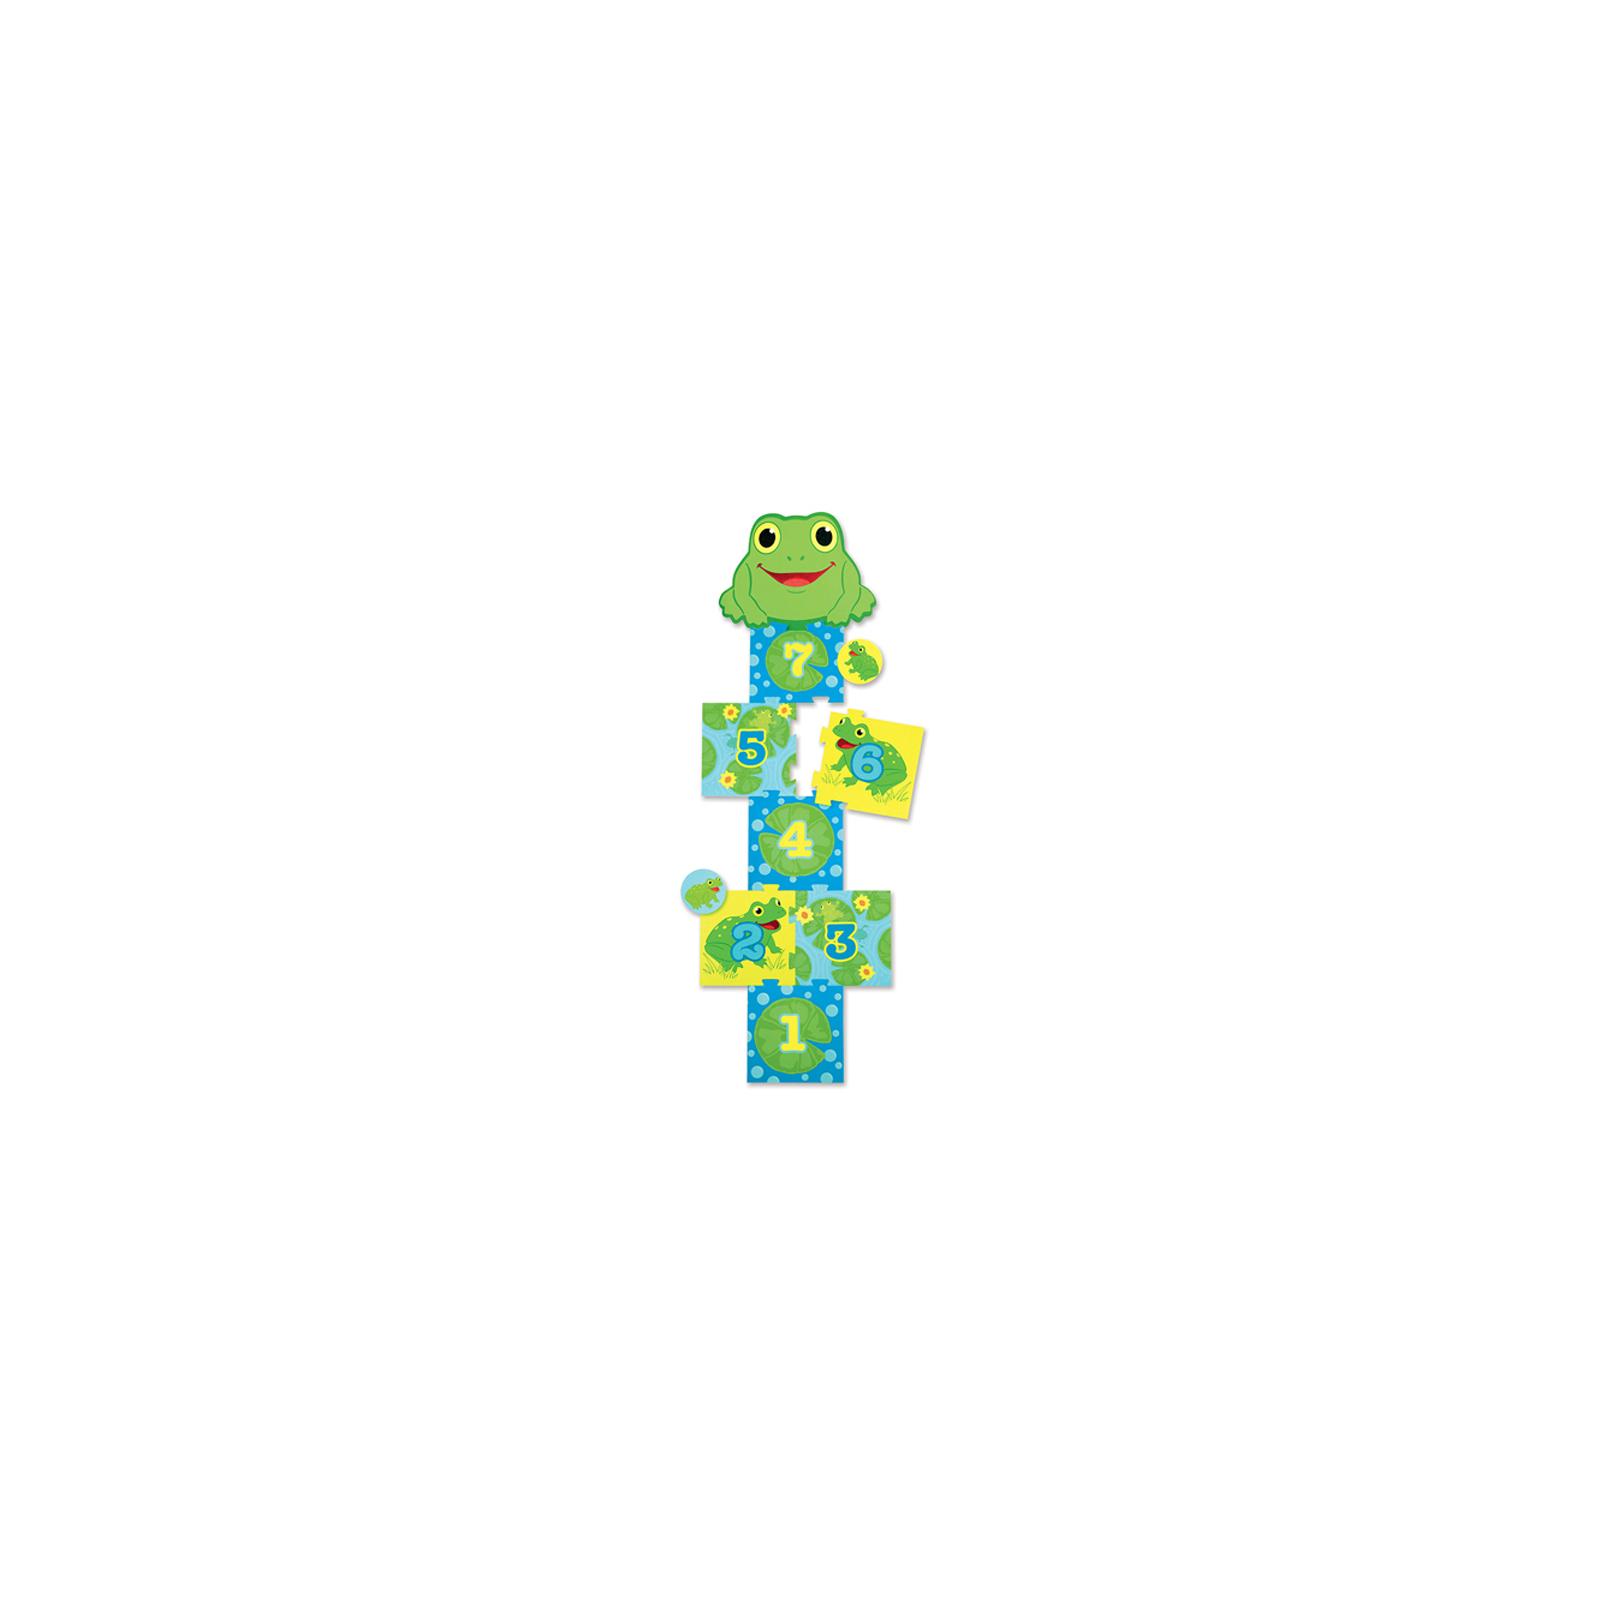 Игровой набор Melissa&Doug Детские классики Лягушонок (MD6275) изображение 2